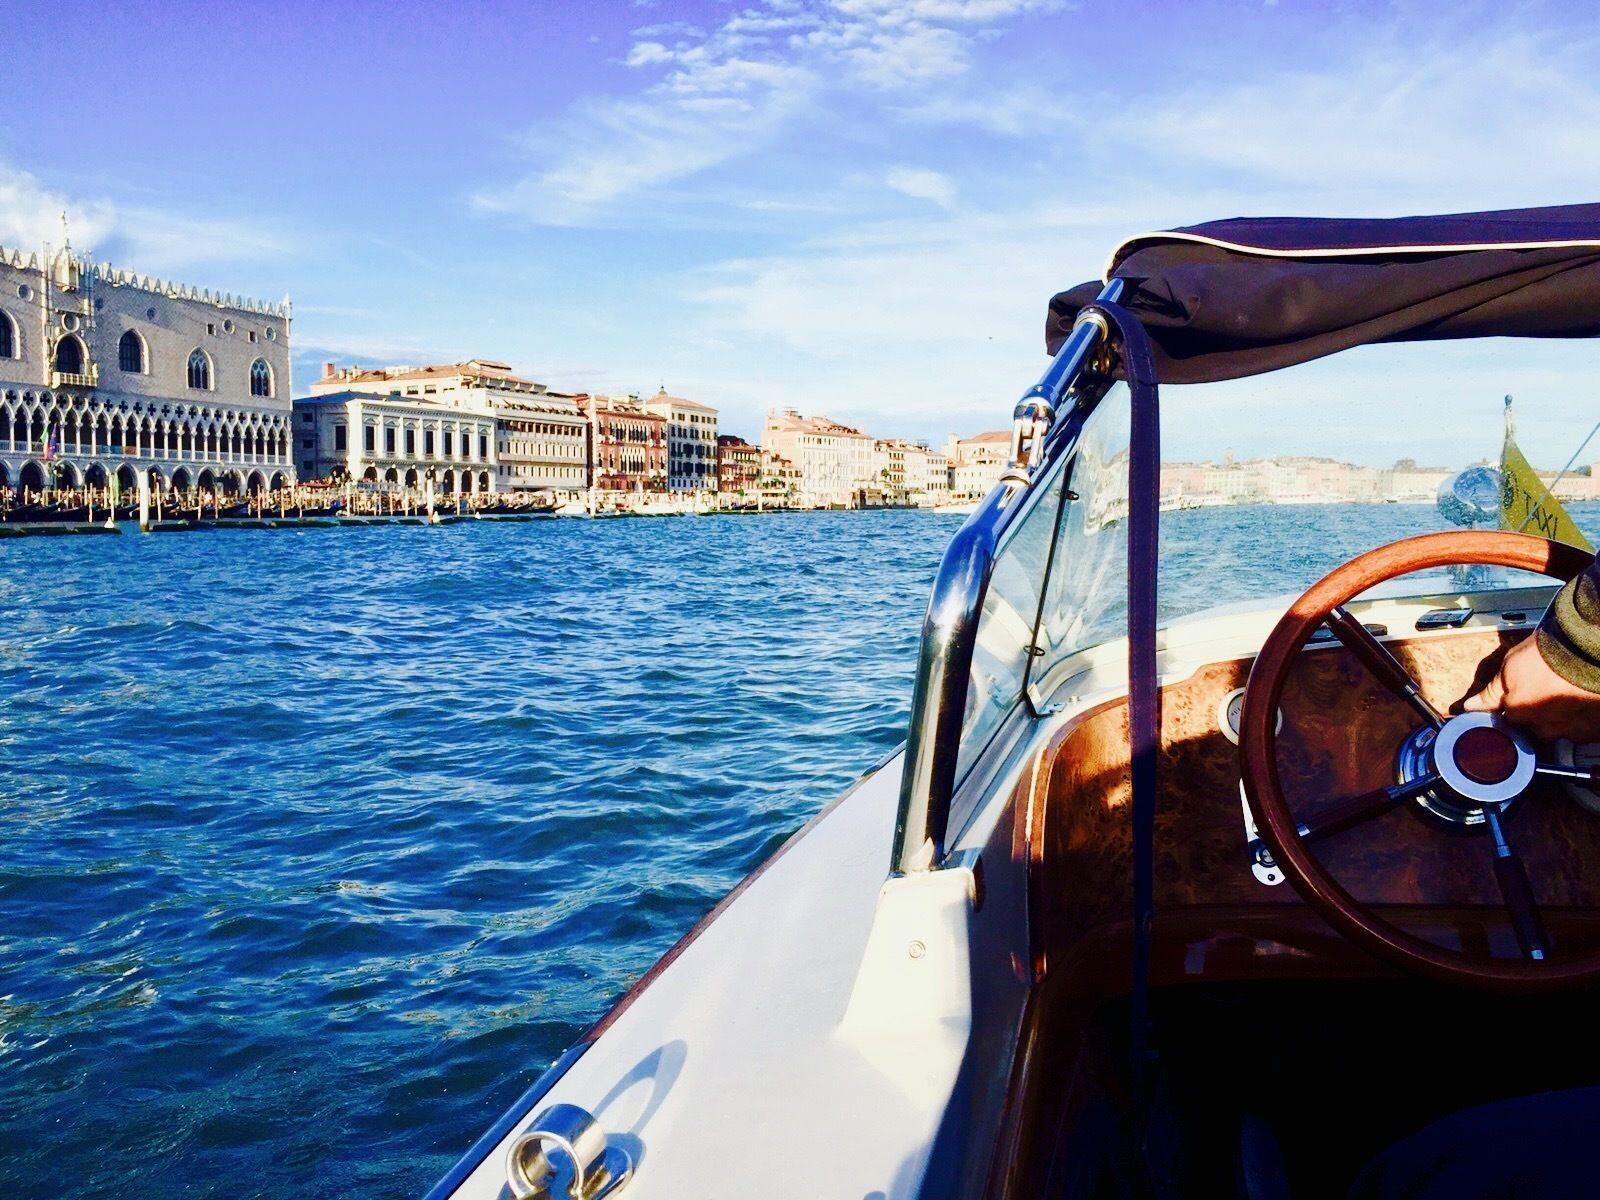 Markusdom und Dogenpalast mit Bootsfahrt auf dem Canal Grande